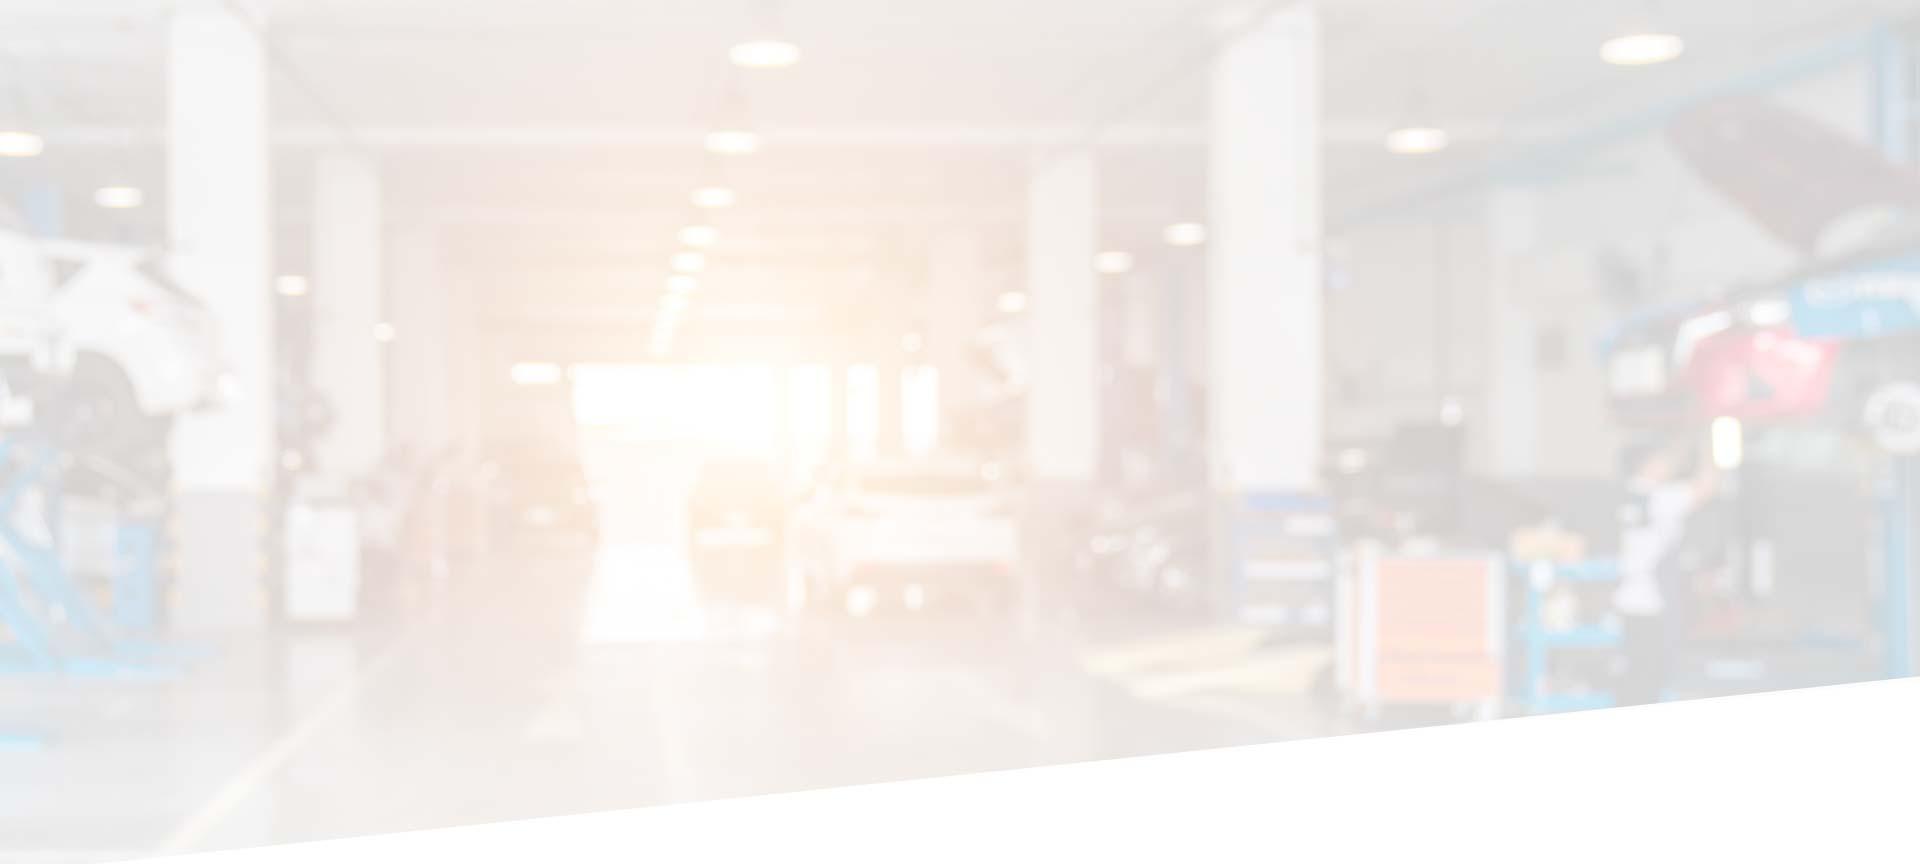 Esta es una imagen principal de jmjtecnics.com